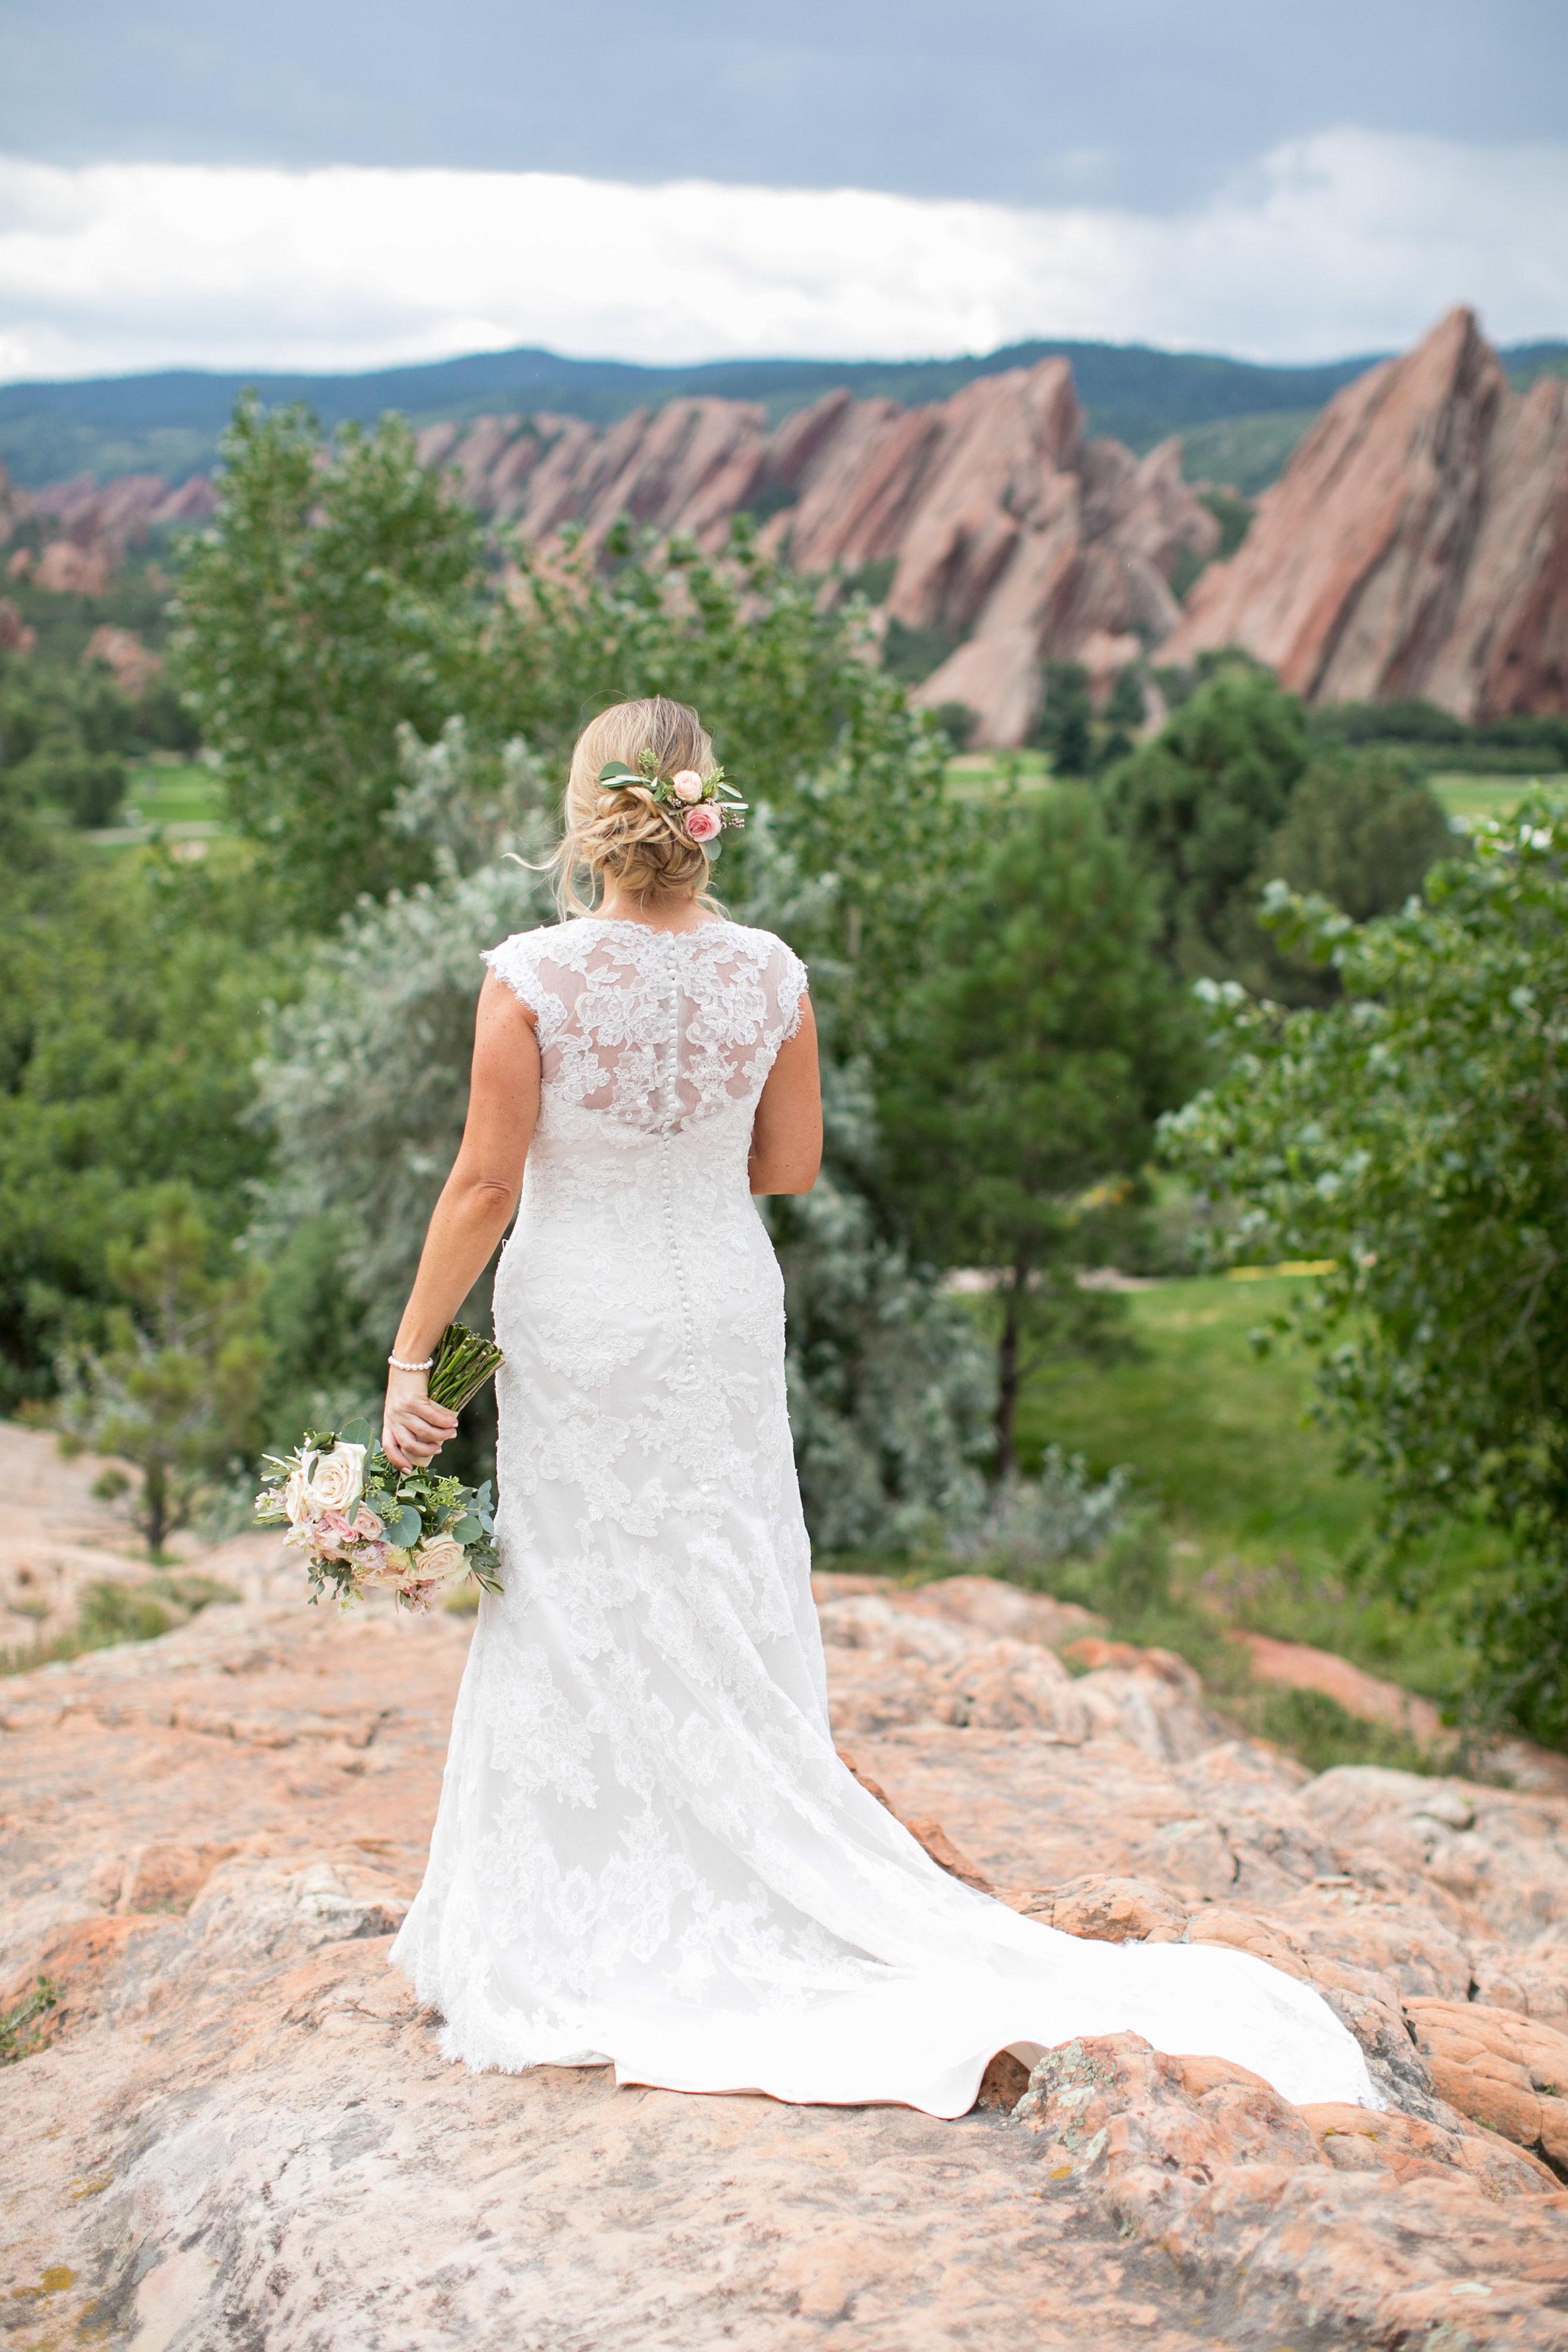 Denver-wedding-hairstylist-updo-bride